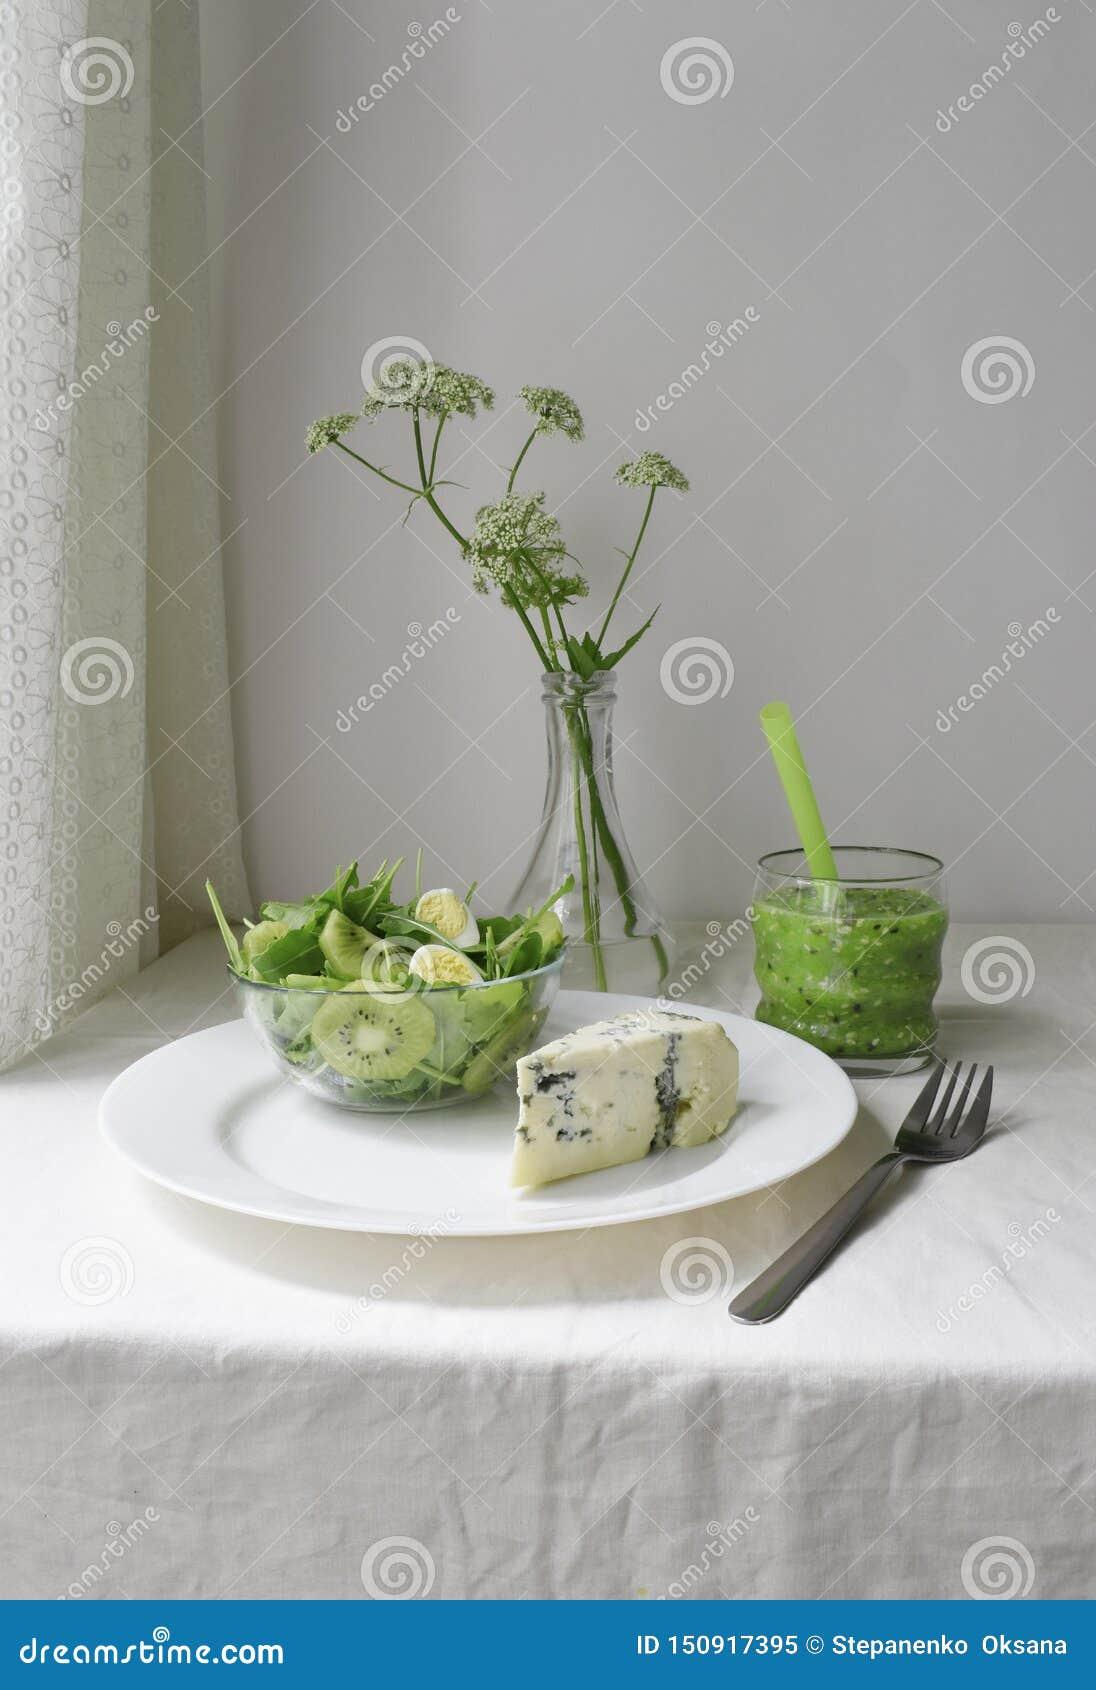 Zielona świeża śniadaniowa Zdrowa surowa dieta Detox smoothie jaskrawy kolor Błękitny ser i sałatka Biały tekstylny wieśniak wcią